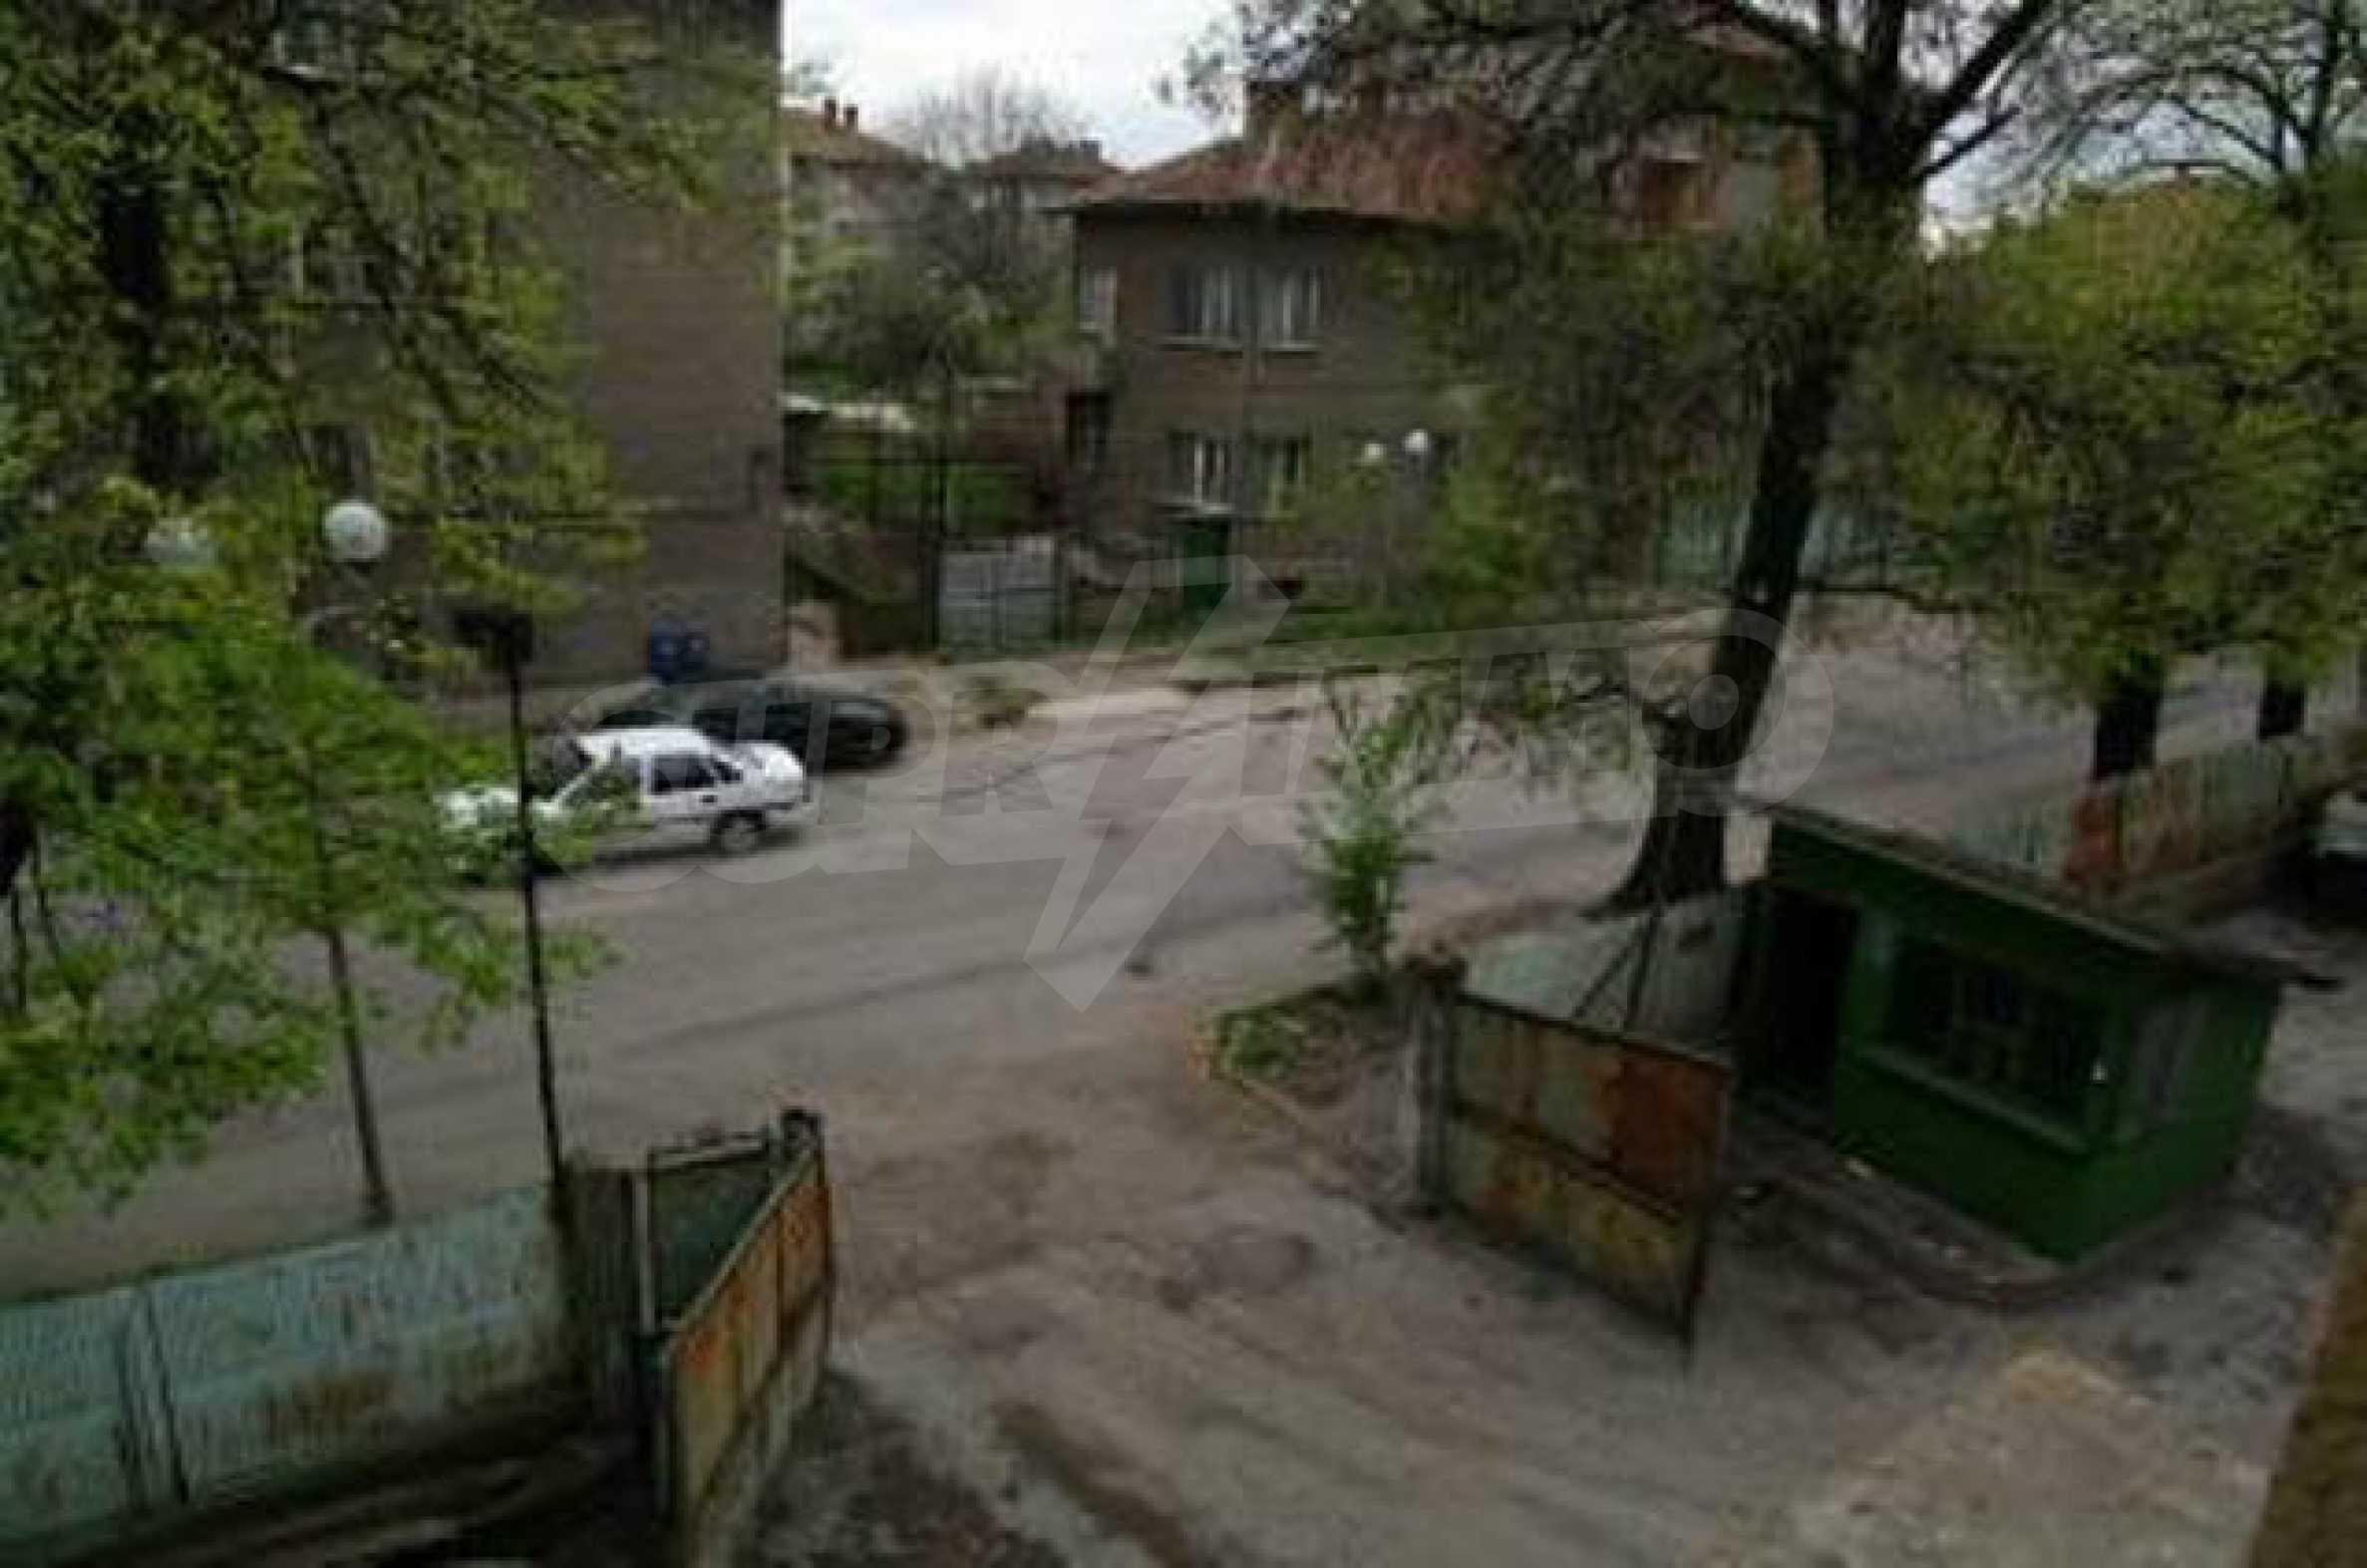 Massives dreistöckiges Lagerhaus in einer Stadt 40 km von Veliko Tarnovo entfernt 16